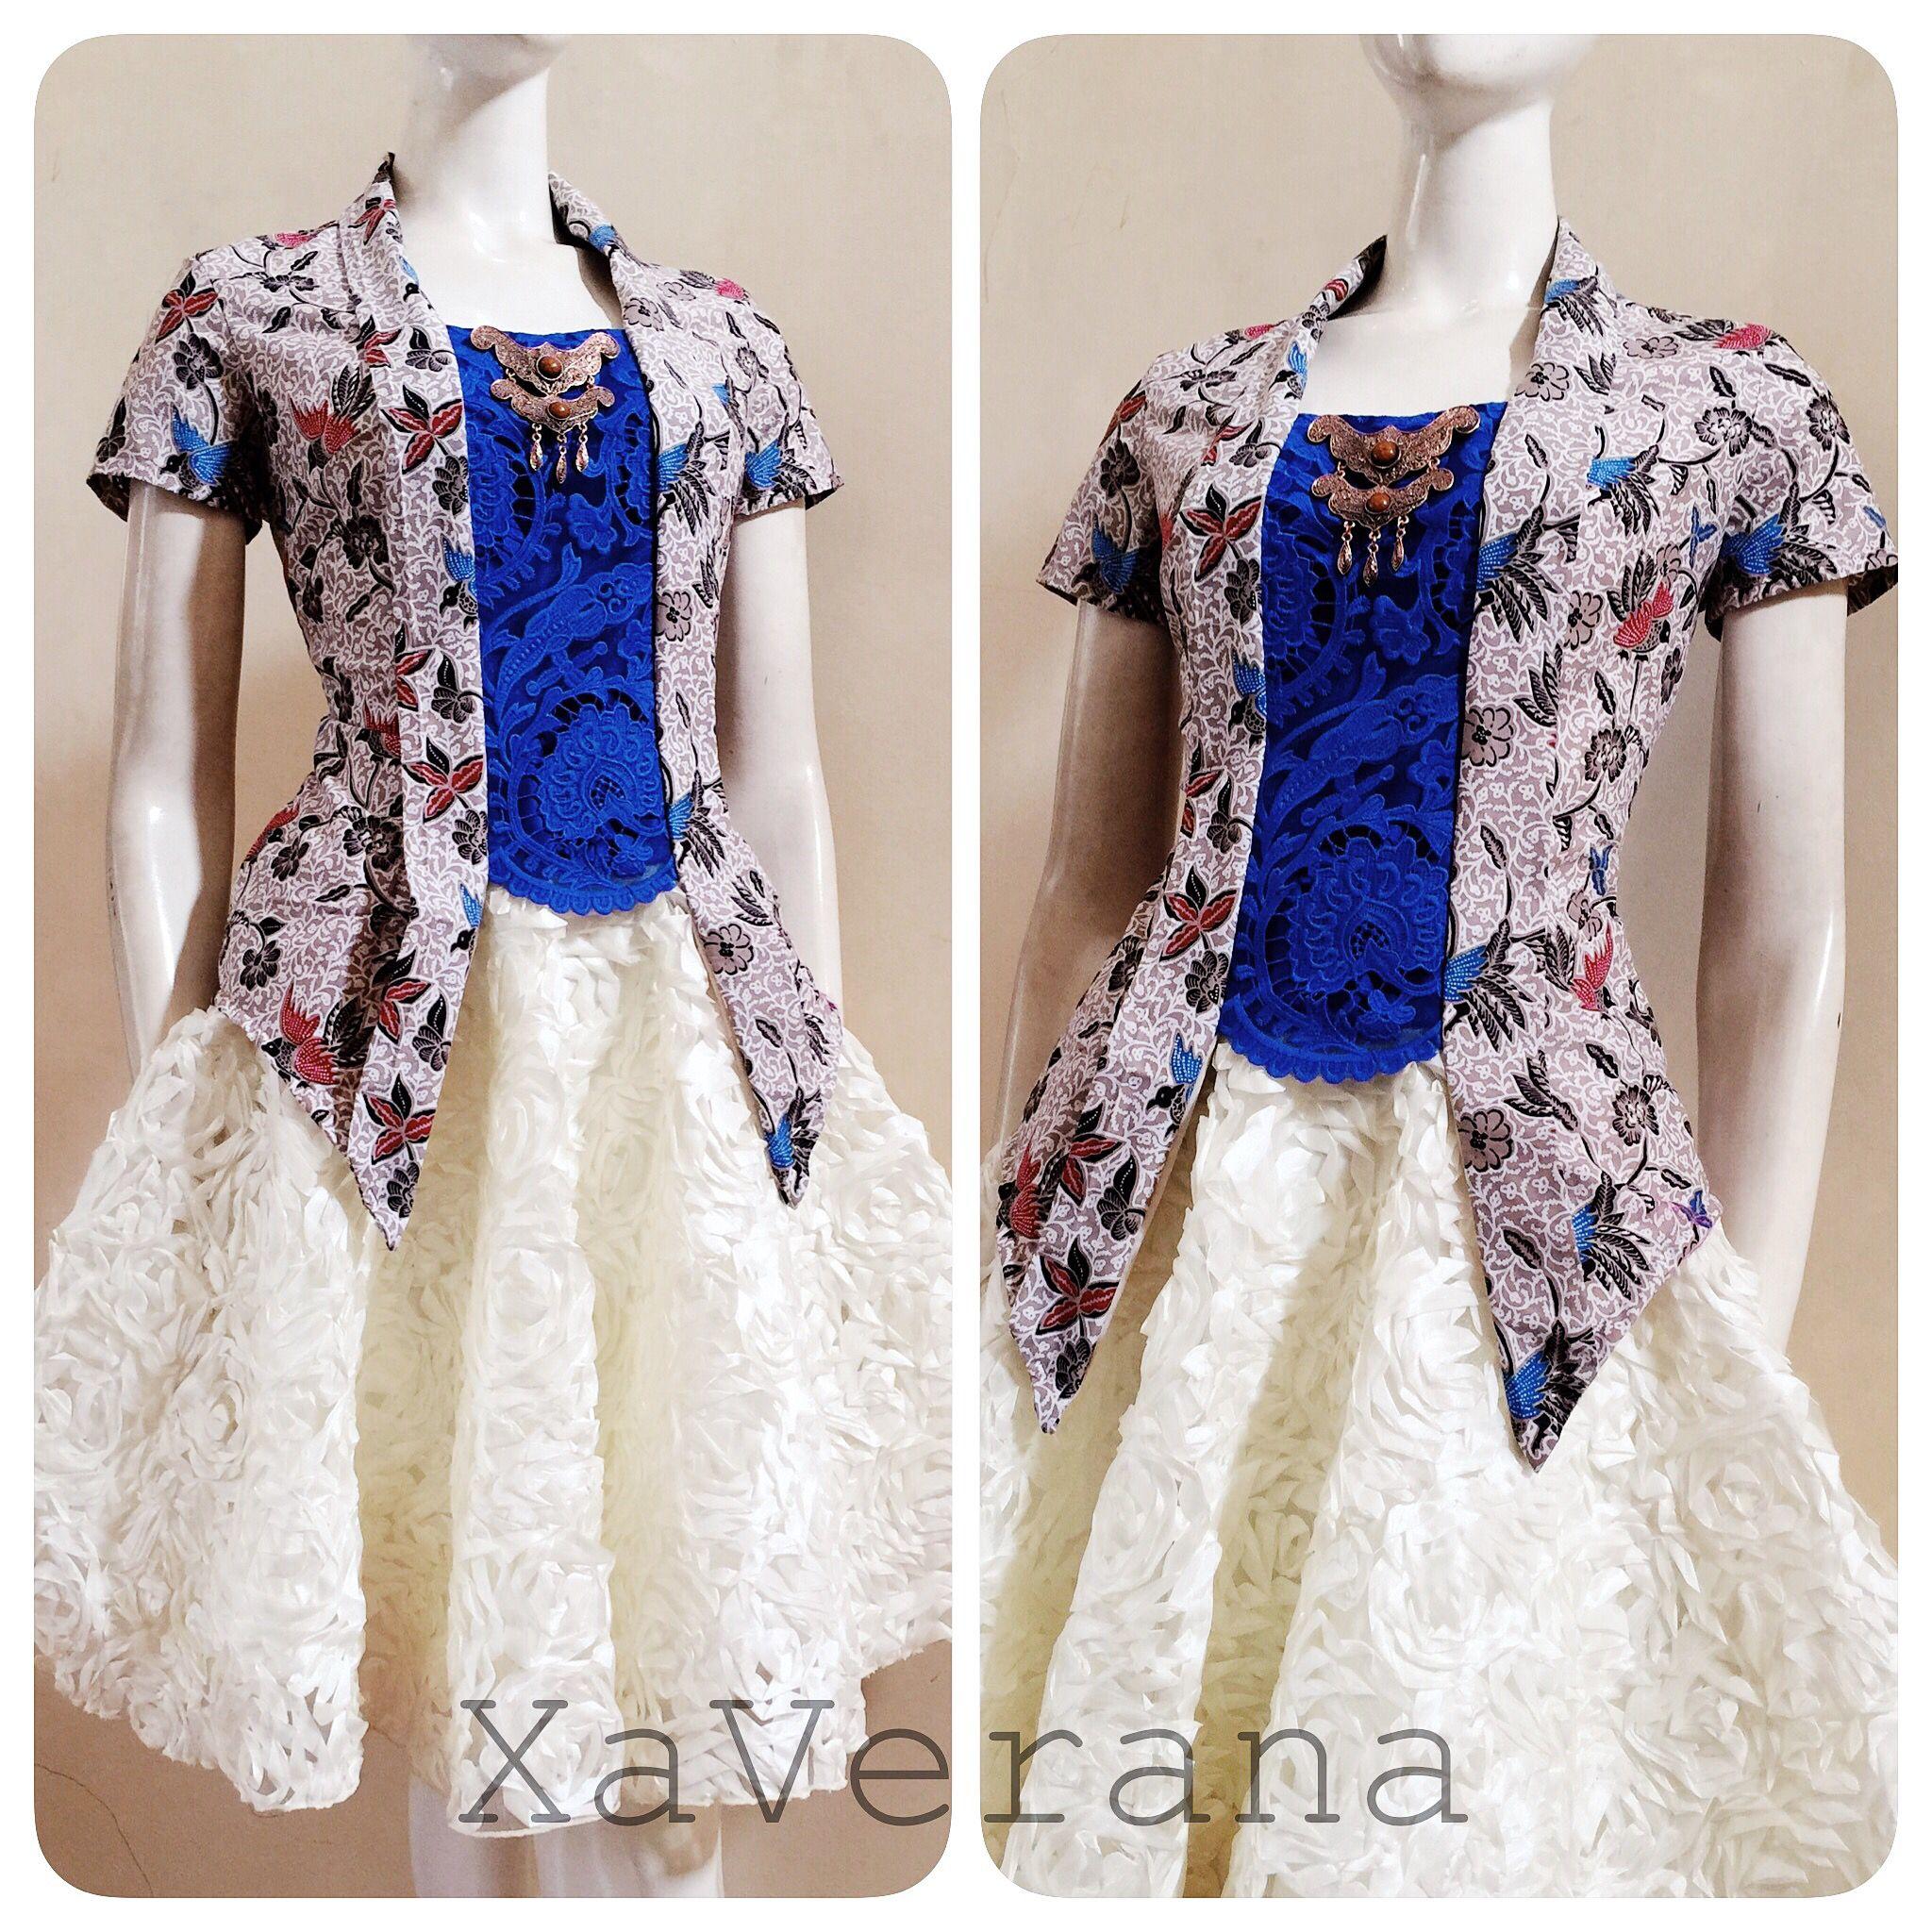 Kebaya kutubaru  See our collection at Instagram @xaverana